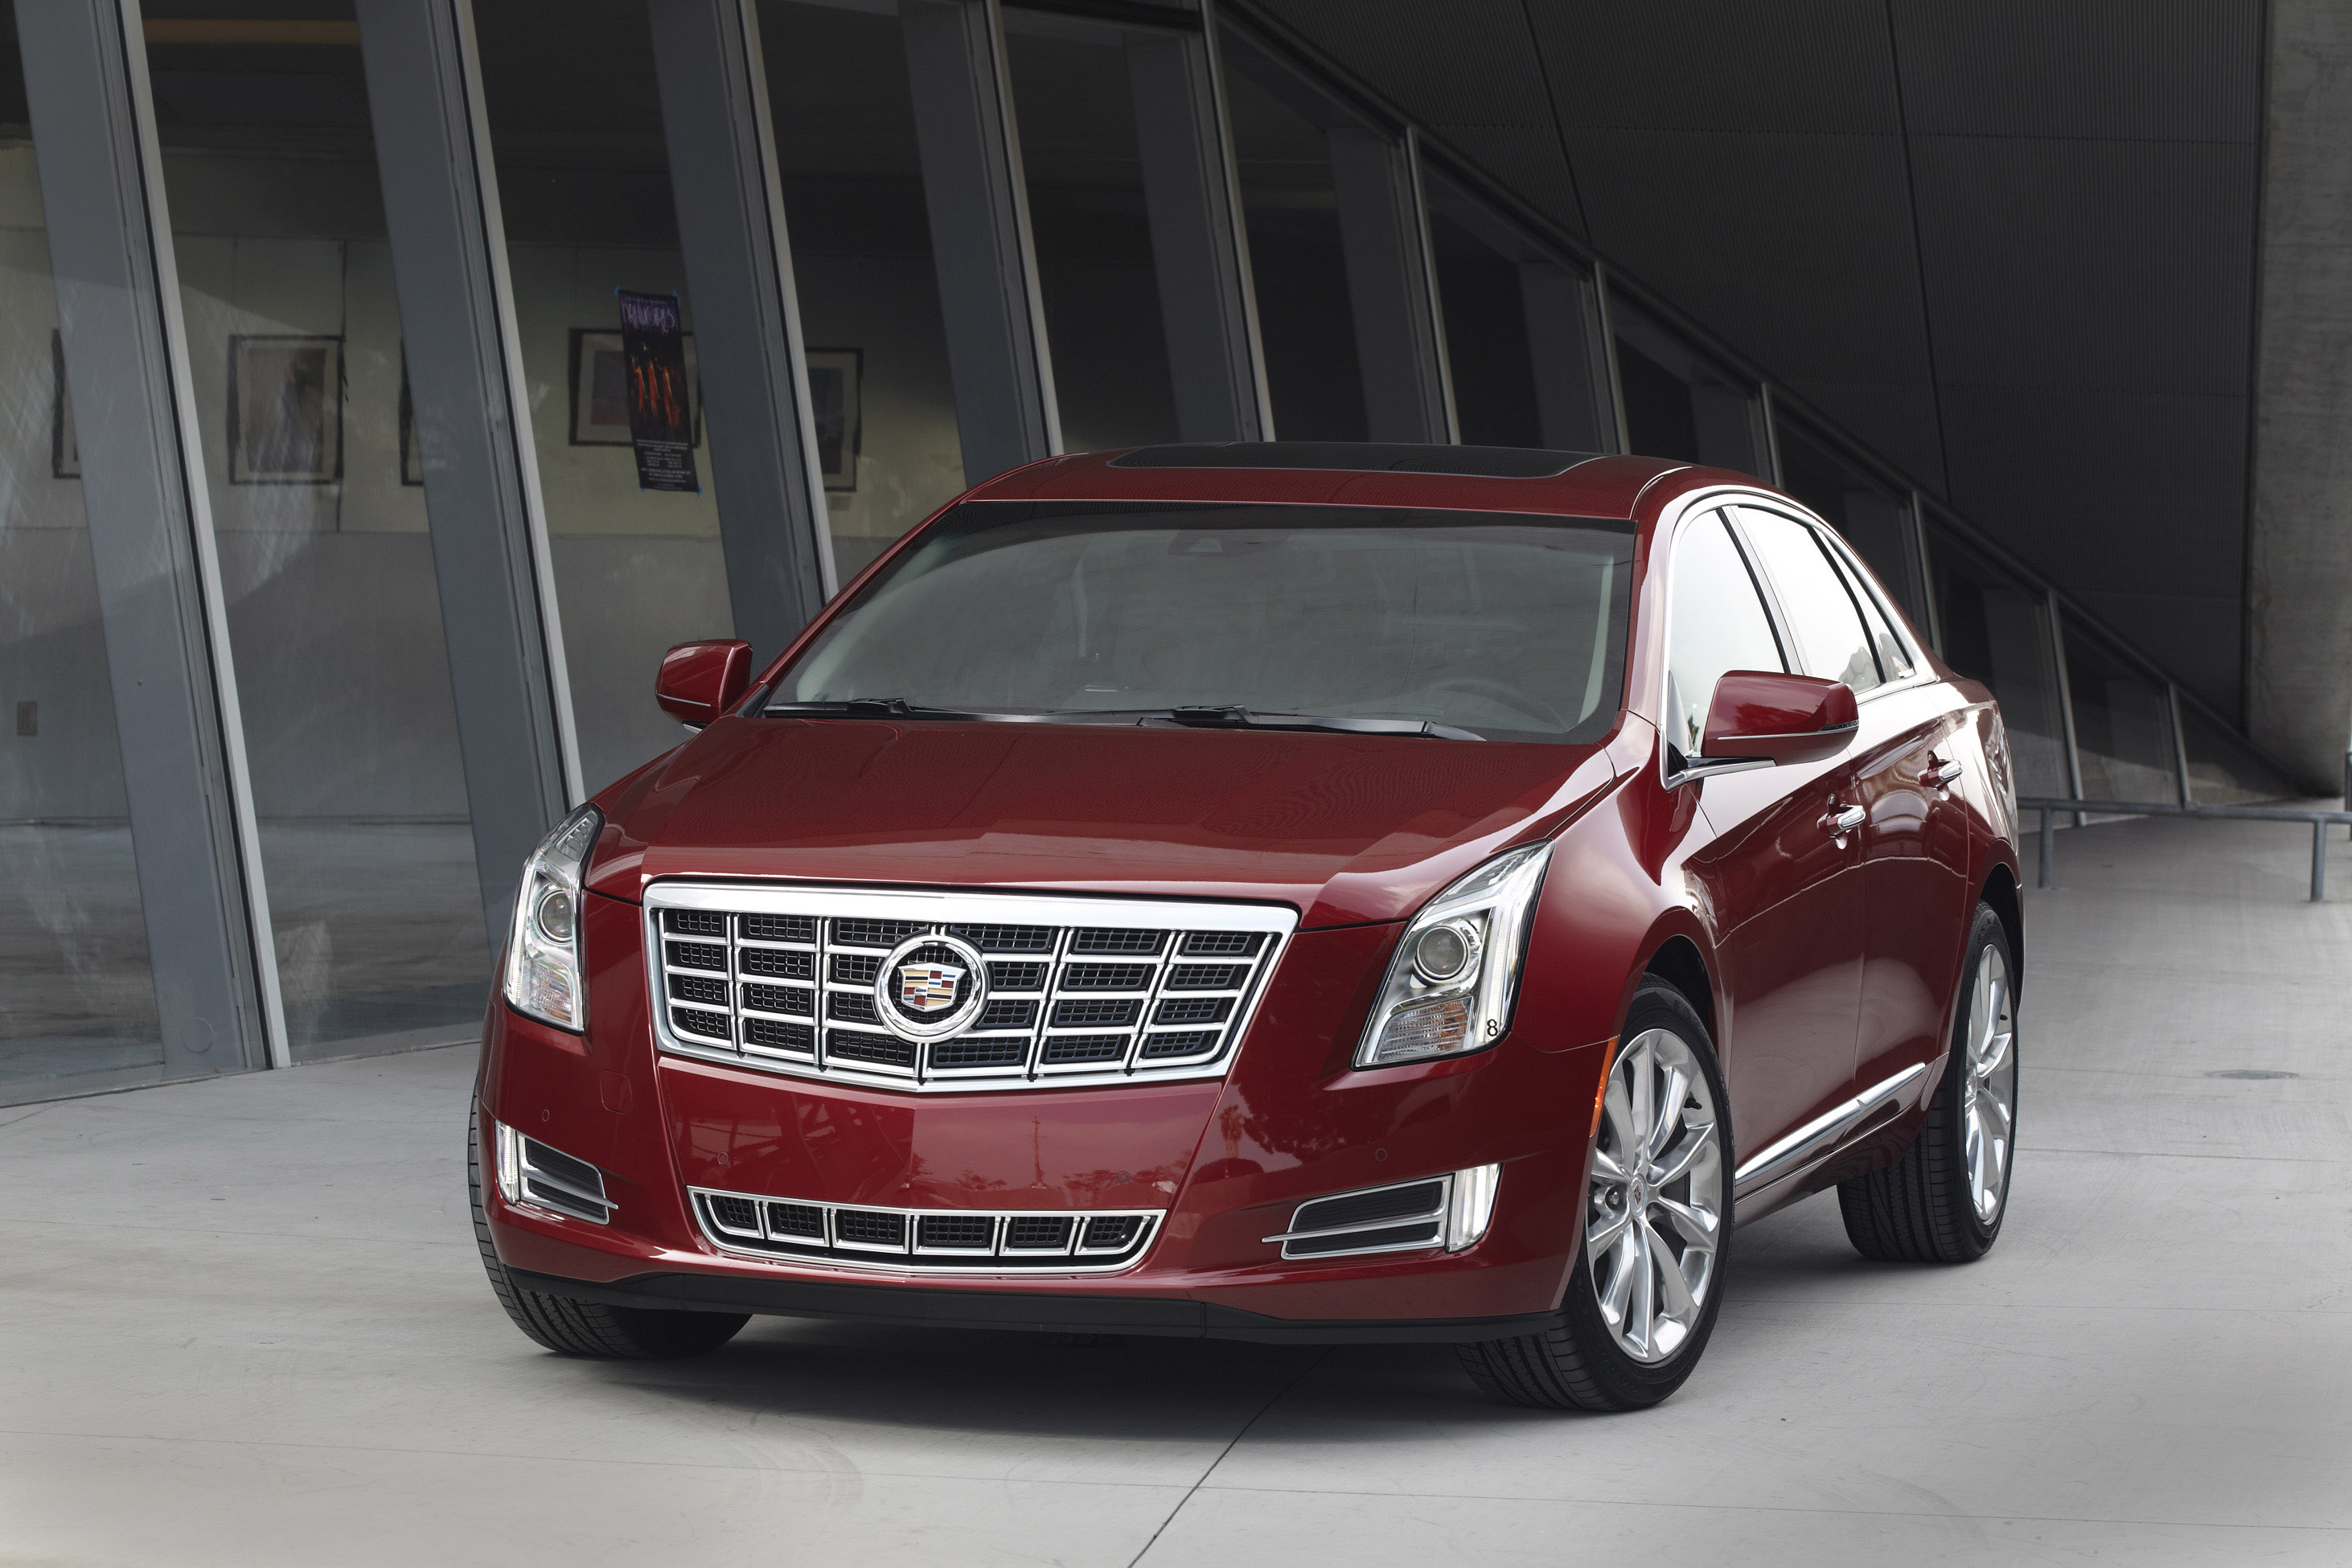 Cadillac XTS photo #1